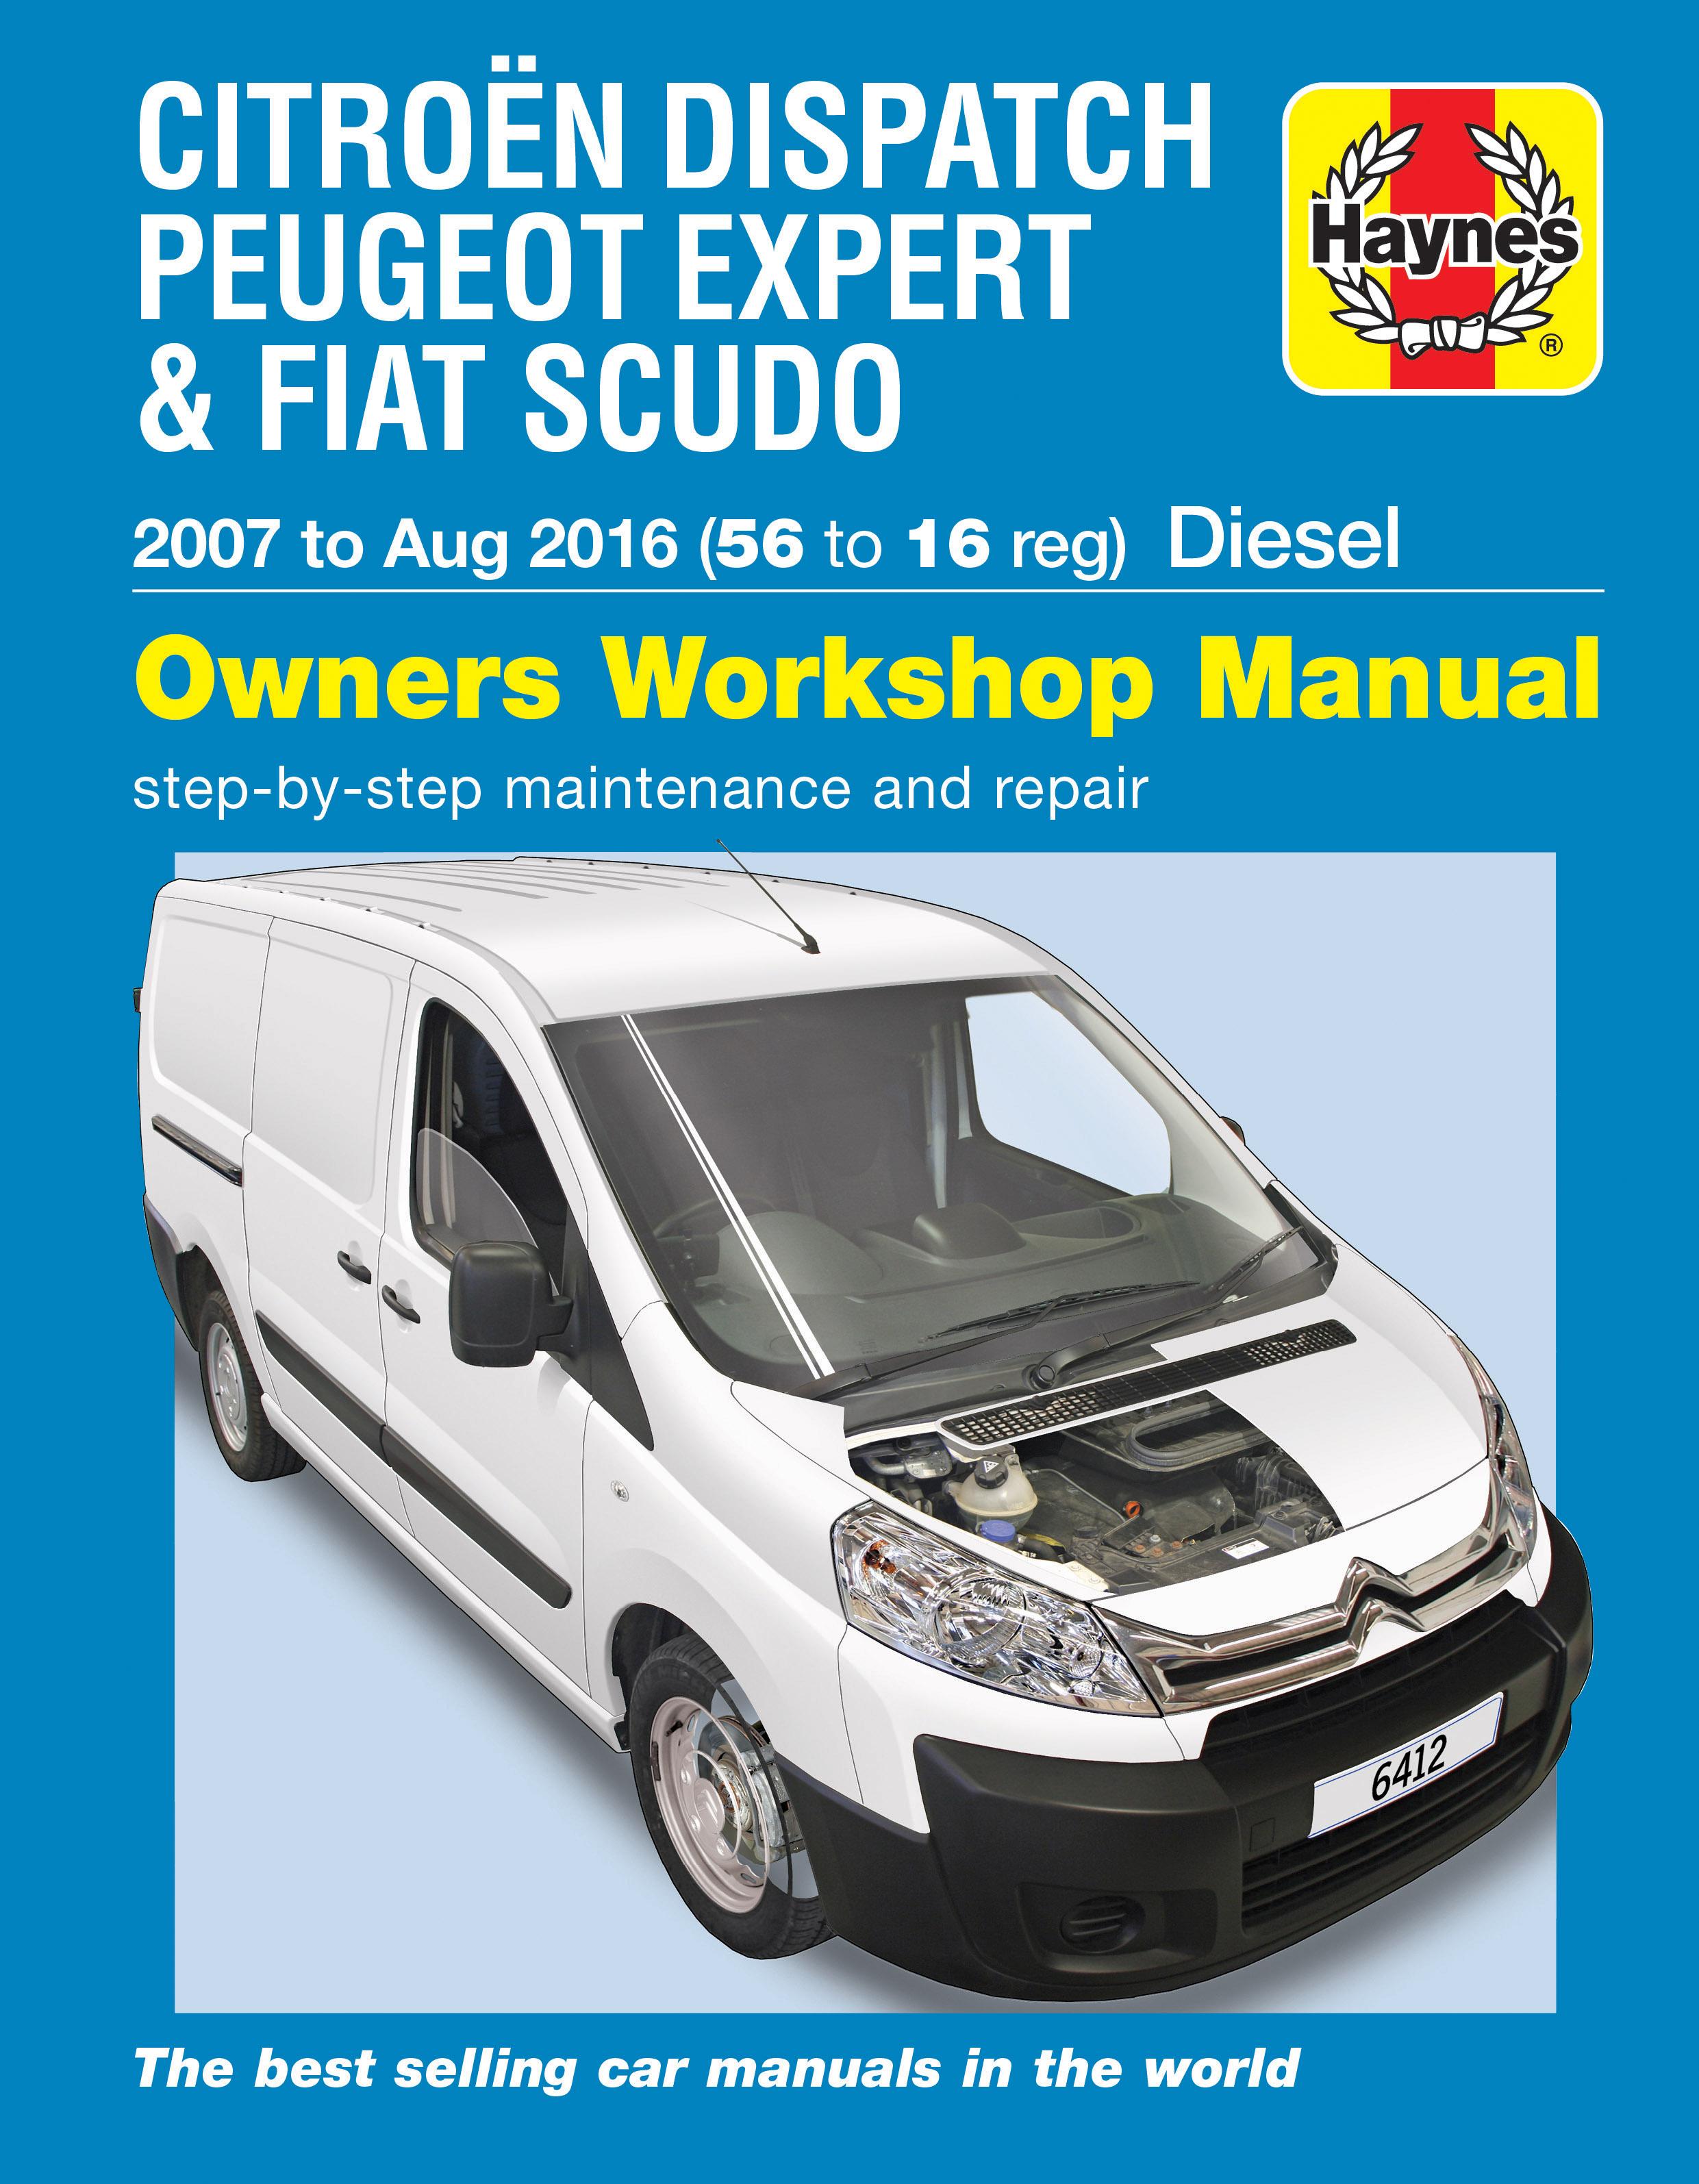 Haynes Workshop Manual AUDI A4 2001-2004 Essence Diesel Avant Service /& Repair